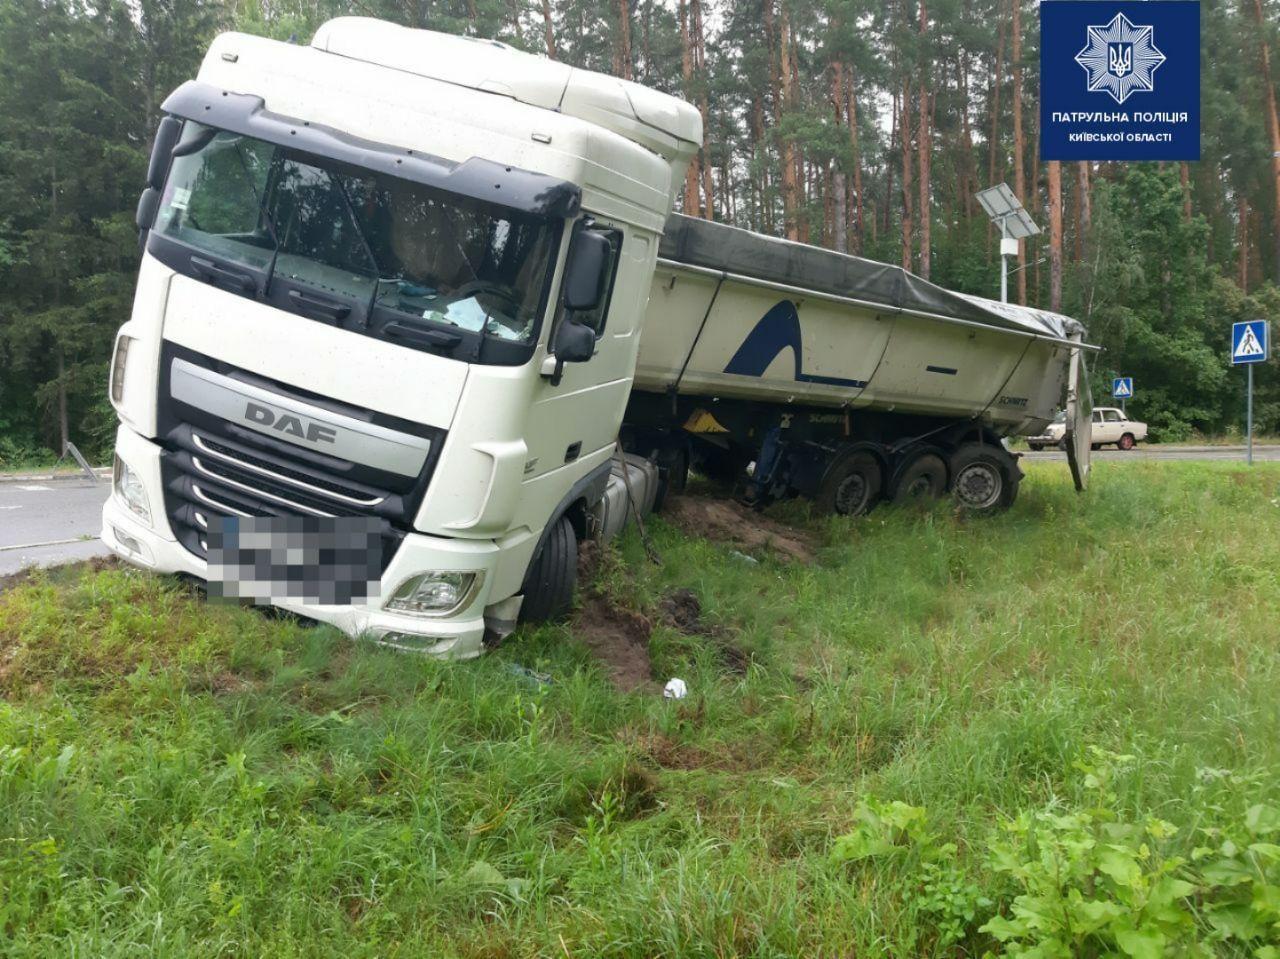 Под Киевом мужчина протаранил грузовик, который вез новые авто